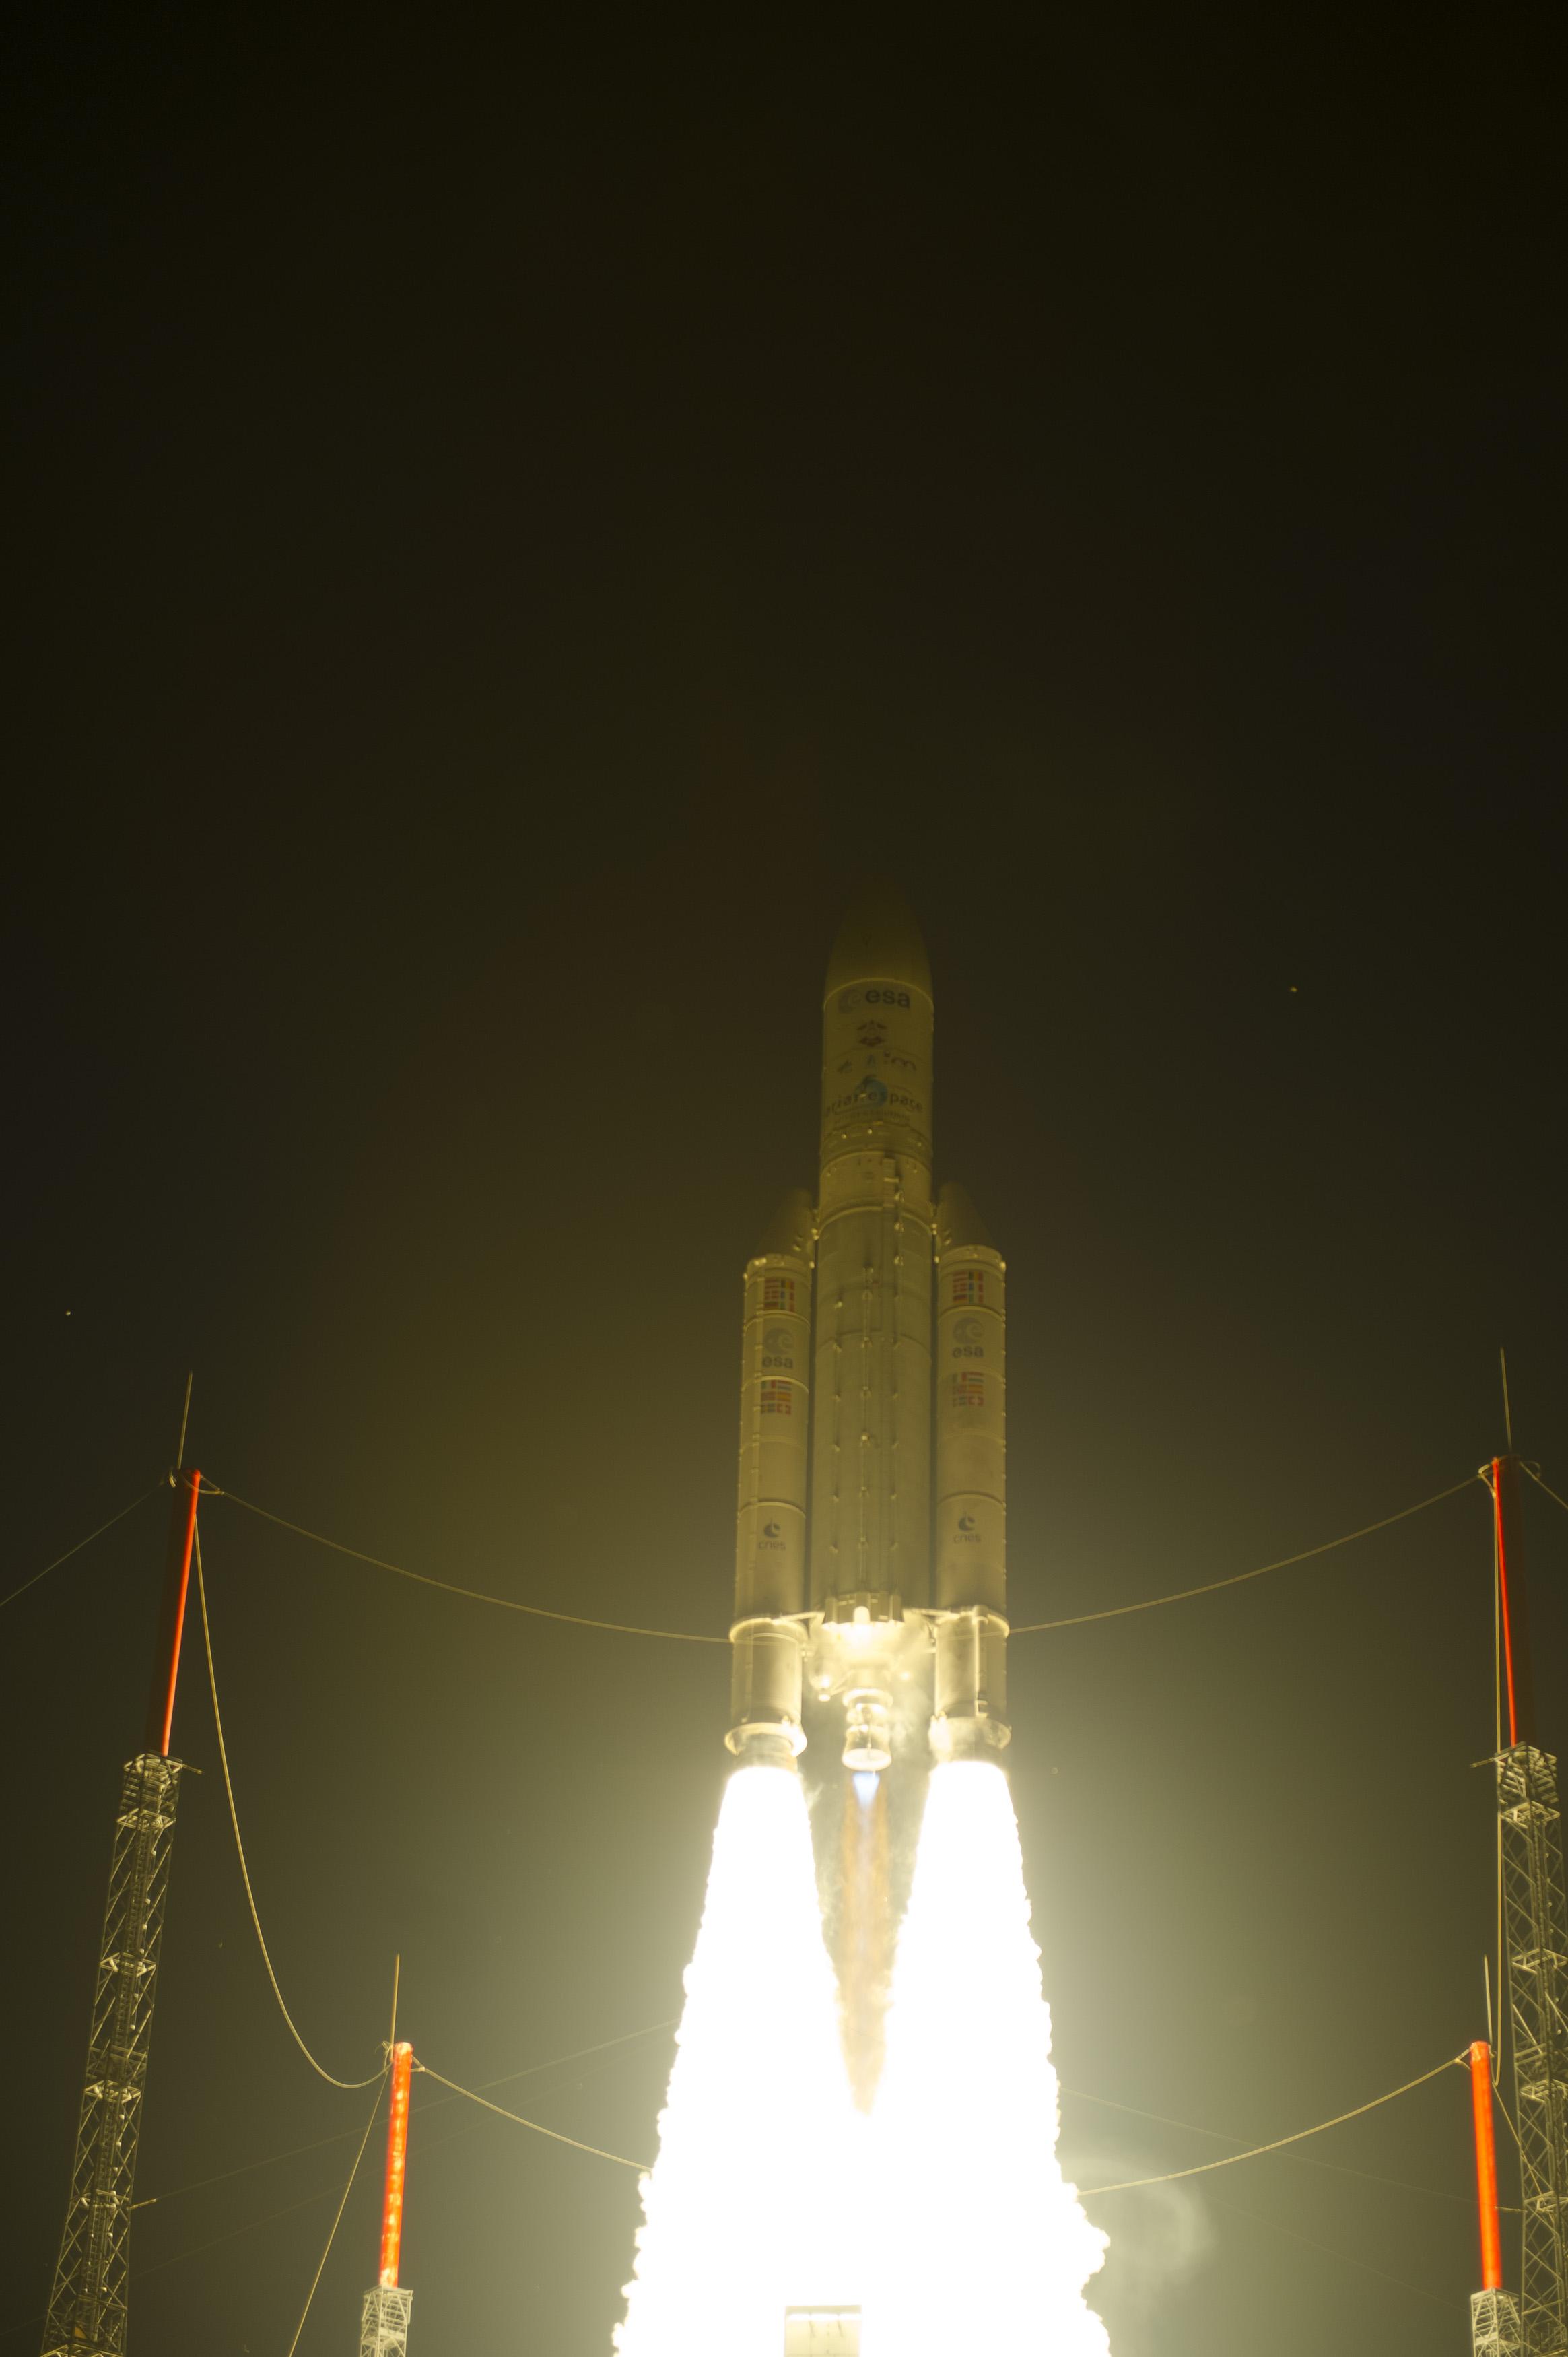 Ariane 5 Launches with ATV-4  'Albert Einstein'